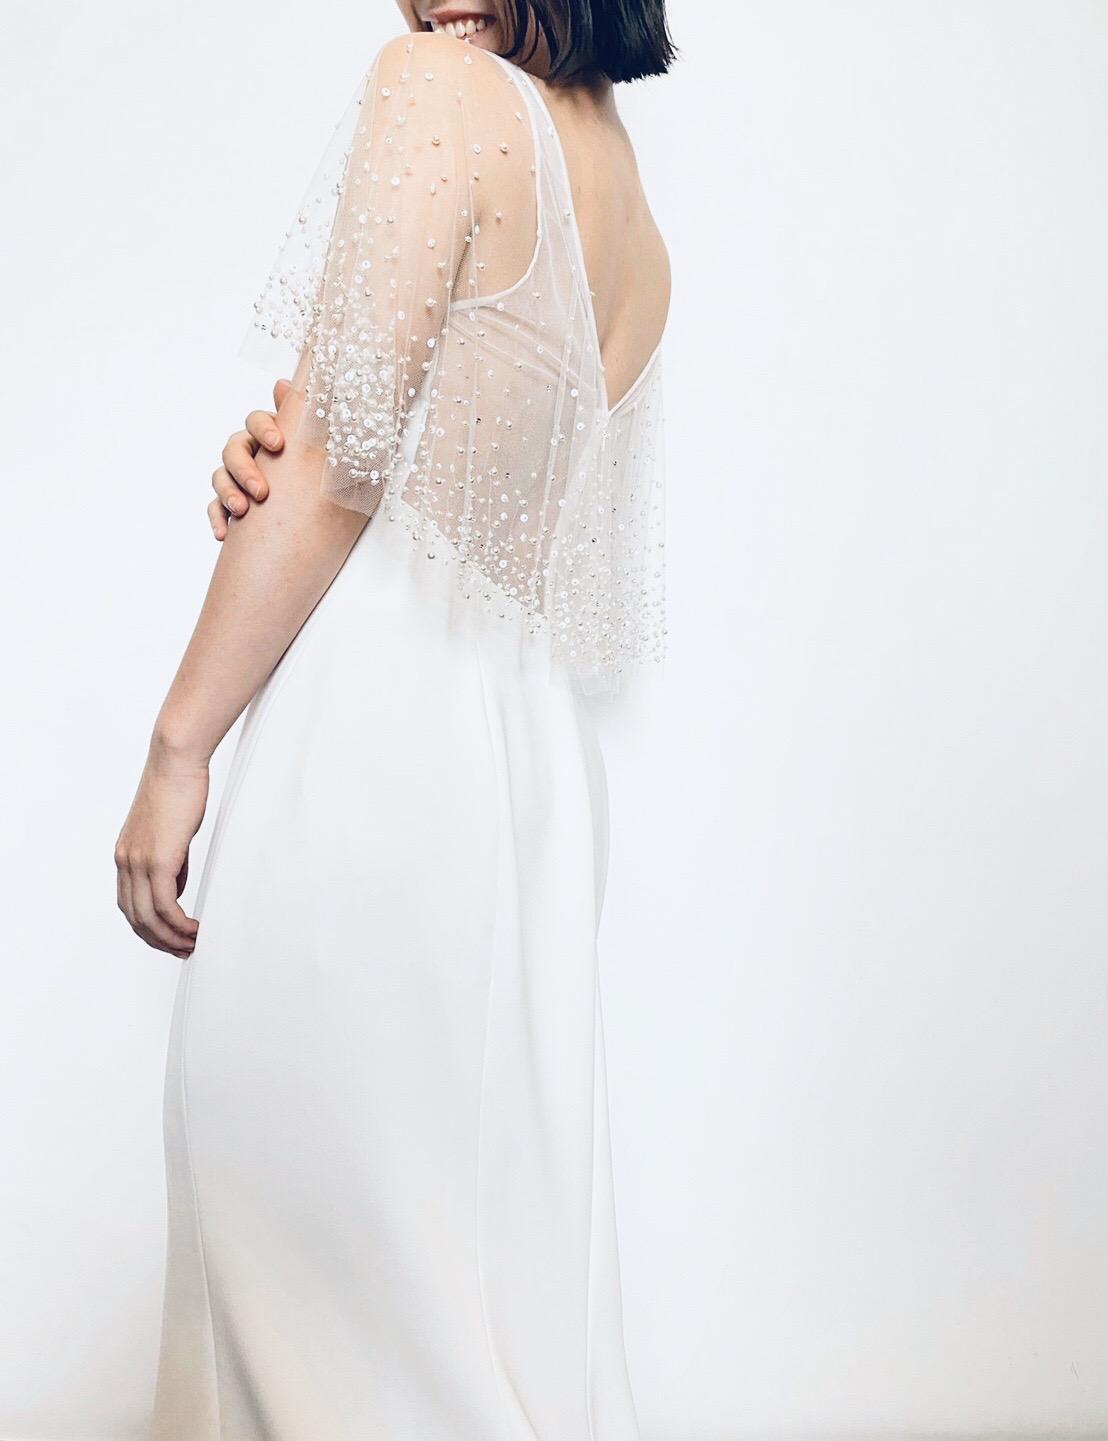 プレ花嫁におすすめしたい華やかなビーディングが施されたケープのデザインのマーメイドラインのウェディングドレス